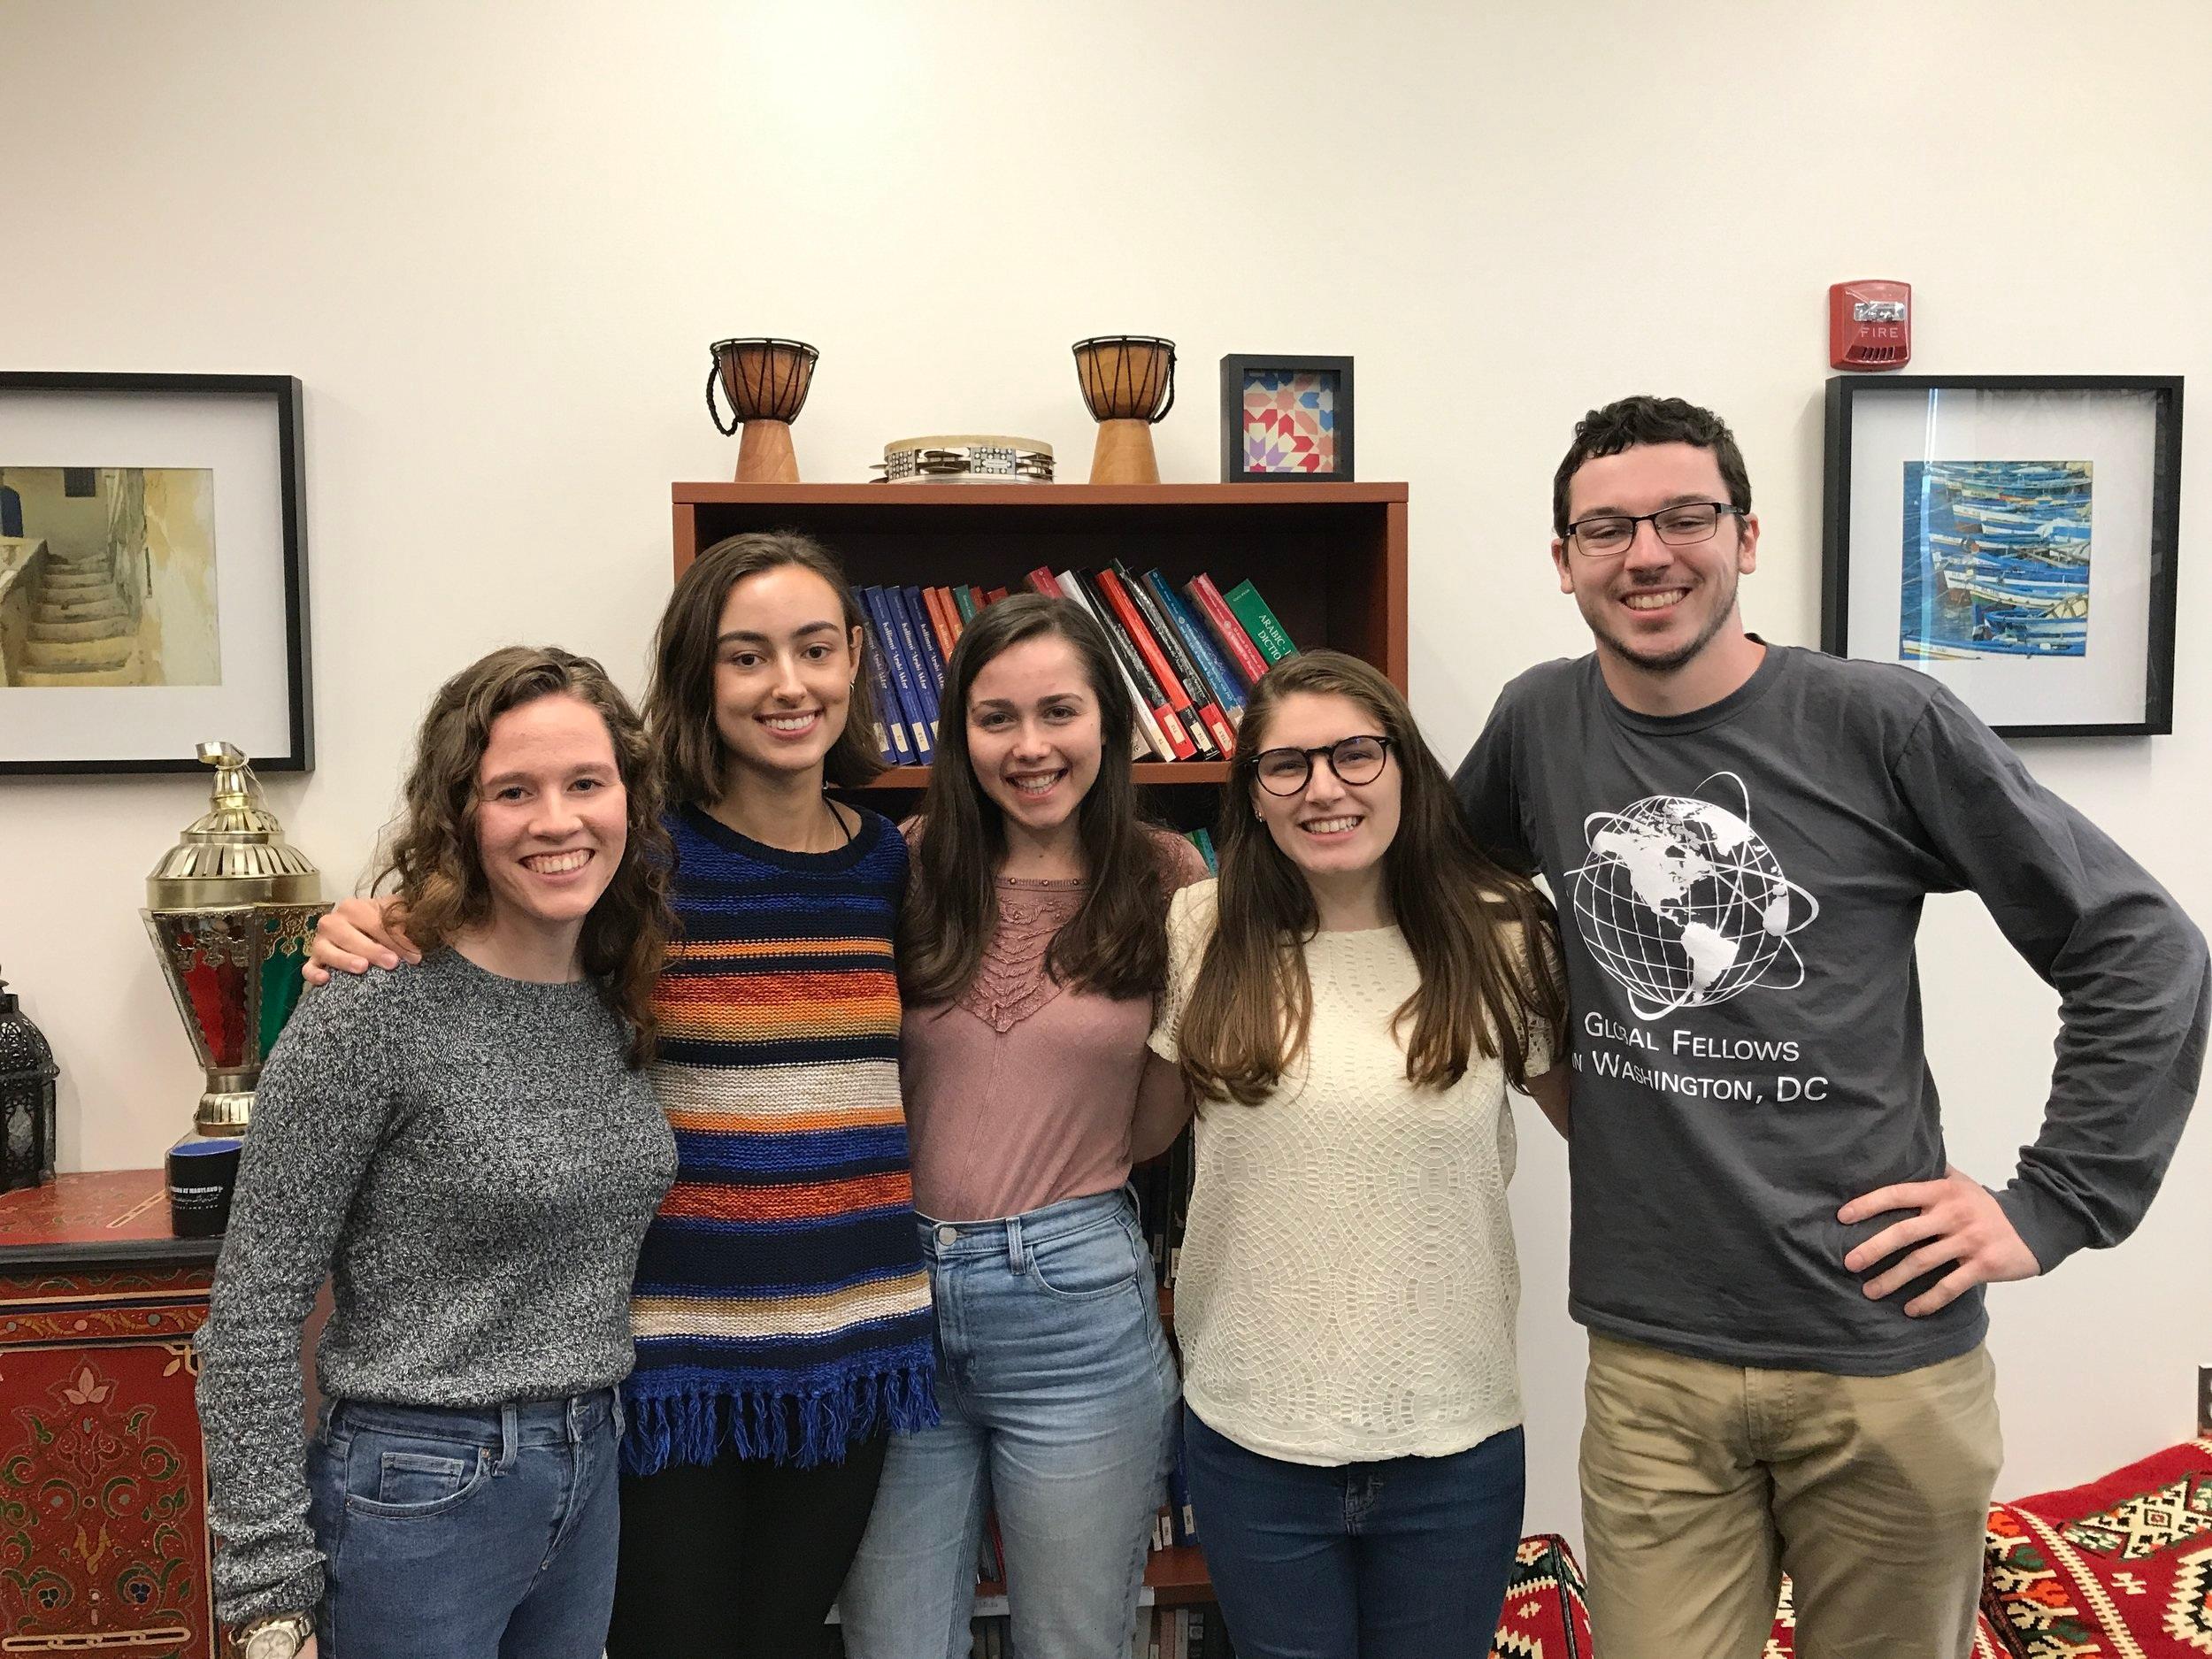 2019 - Margaret, Joanna, Madison, Jacqueline, Andrew